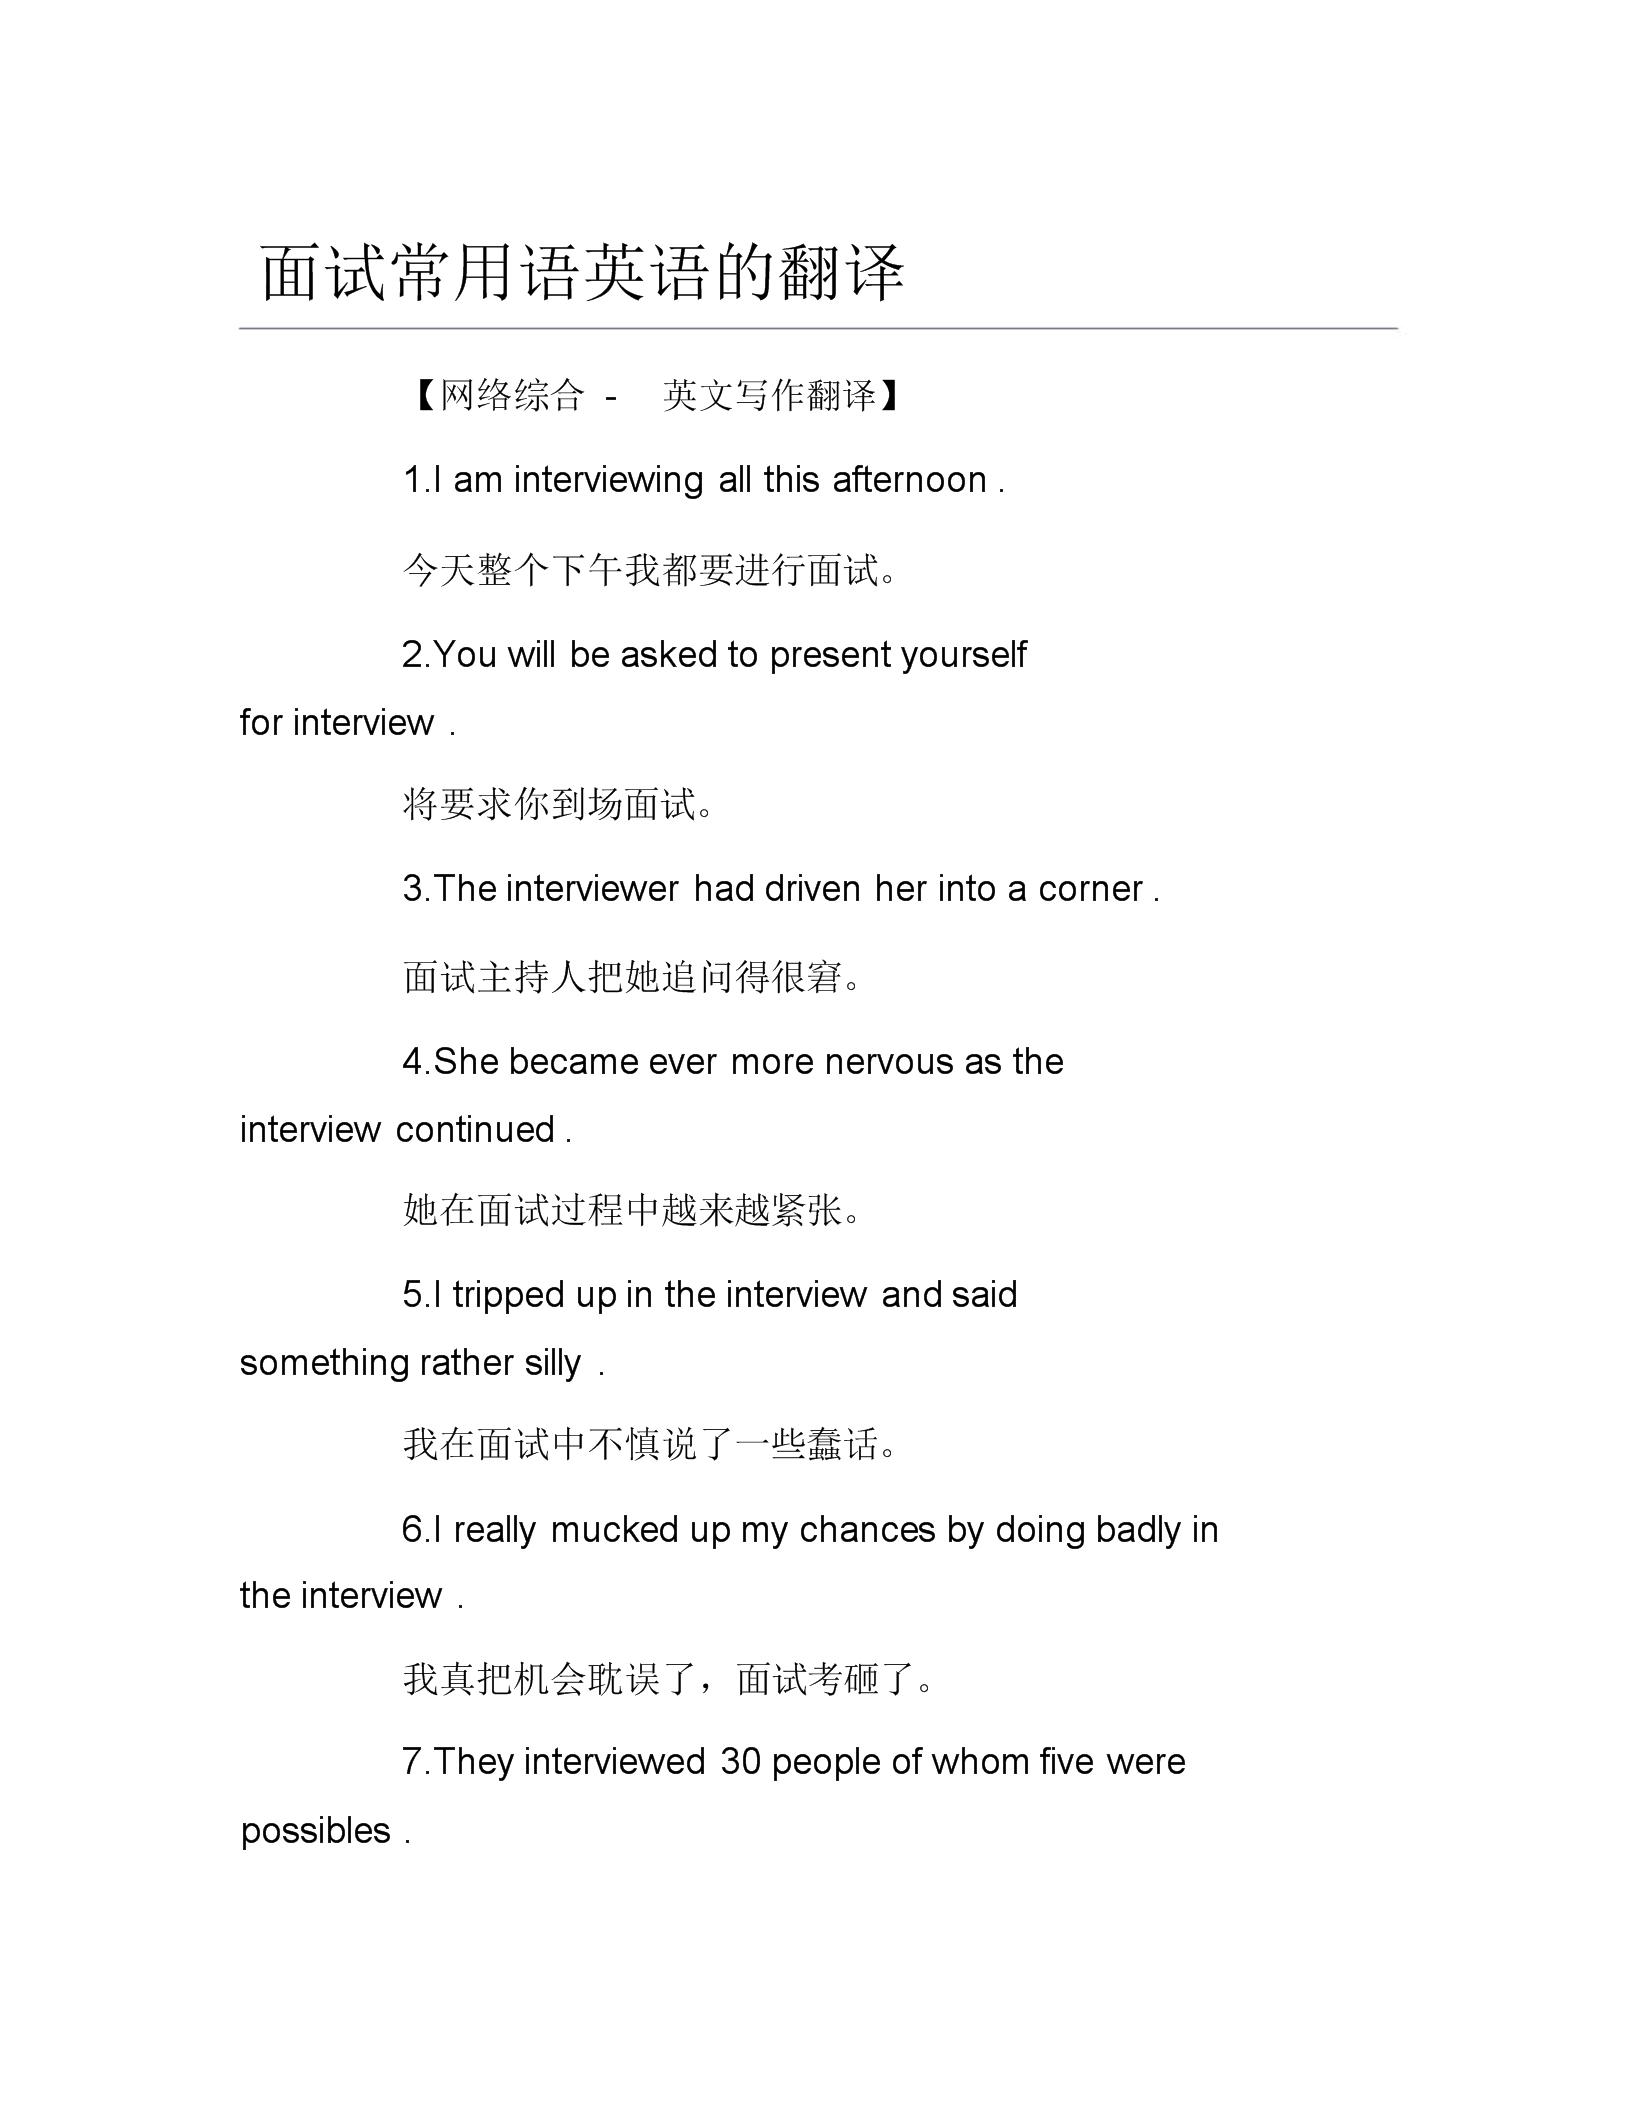 面试常用语英语的翻译.docx